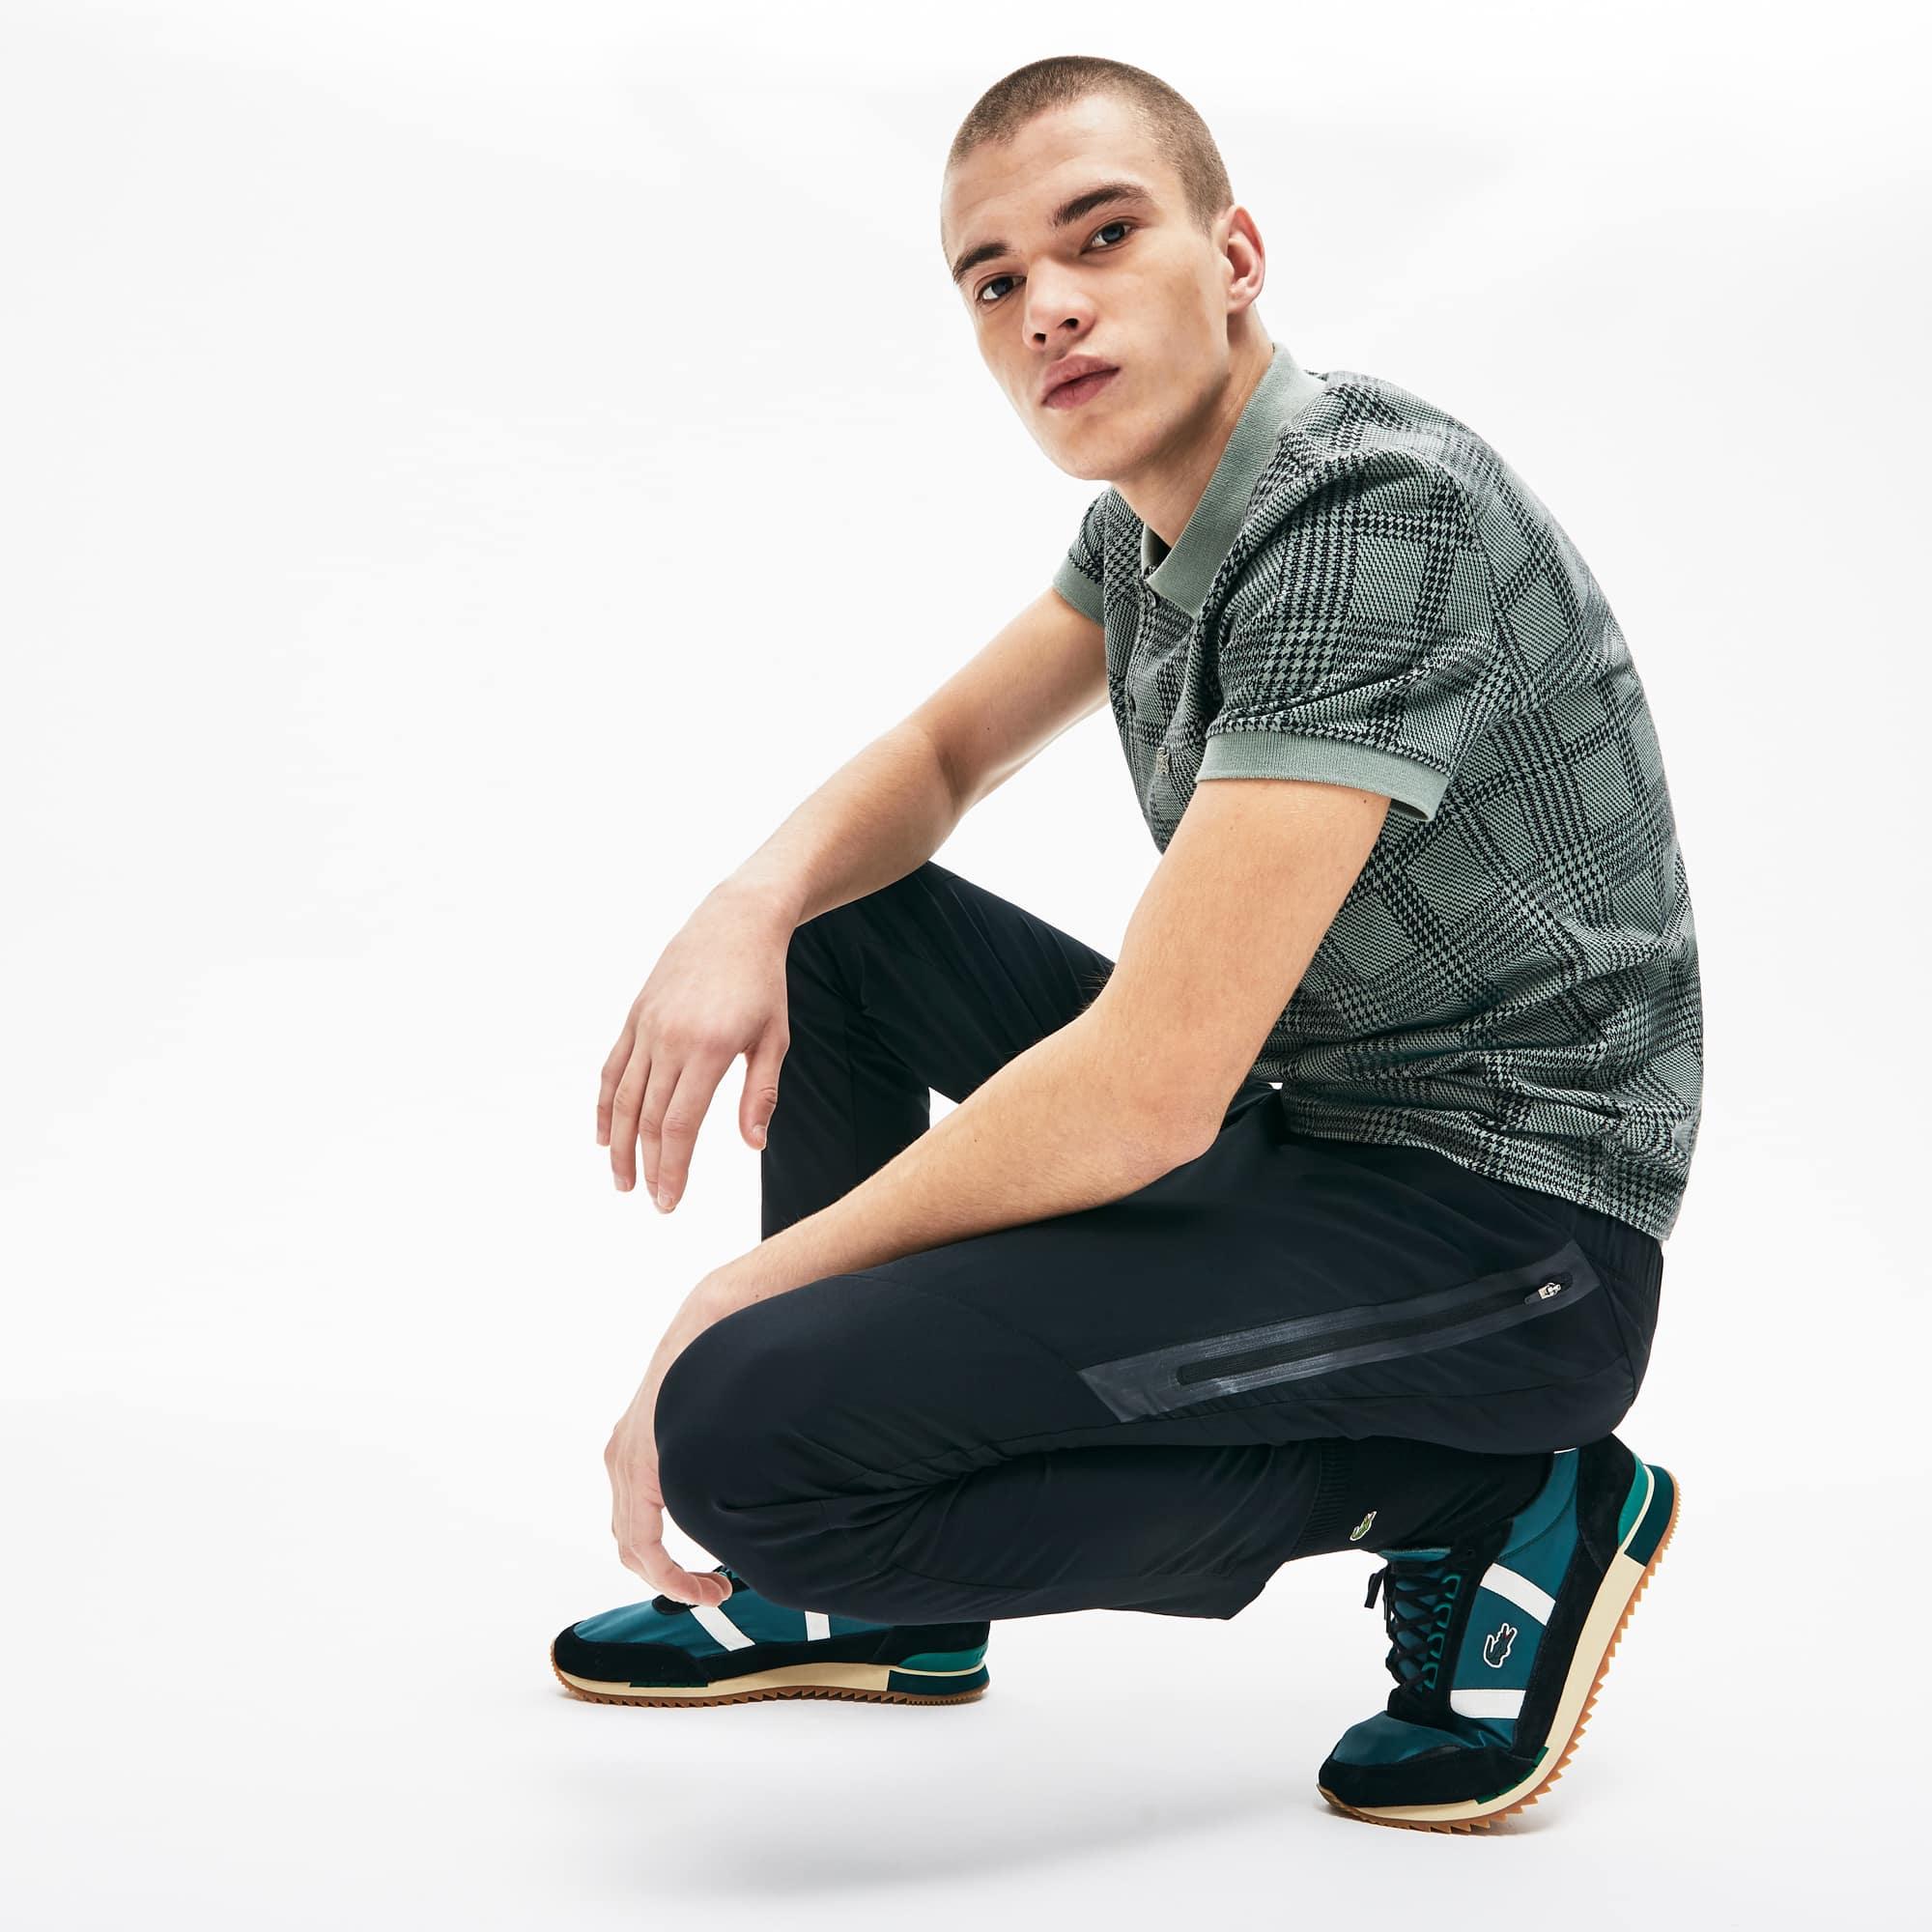 Lacoste Pants Men's SPORT Breathable Stretch Sweatpants